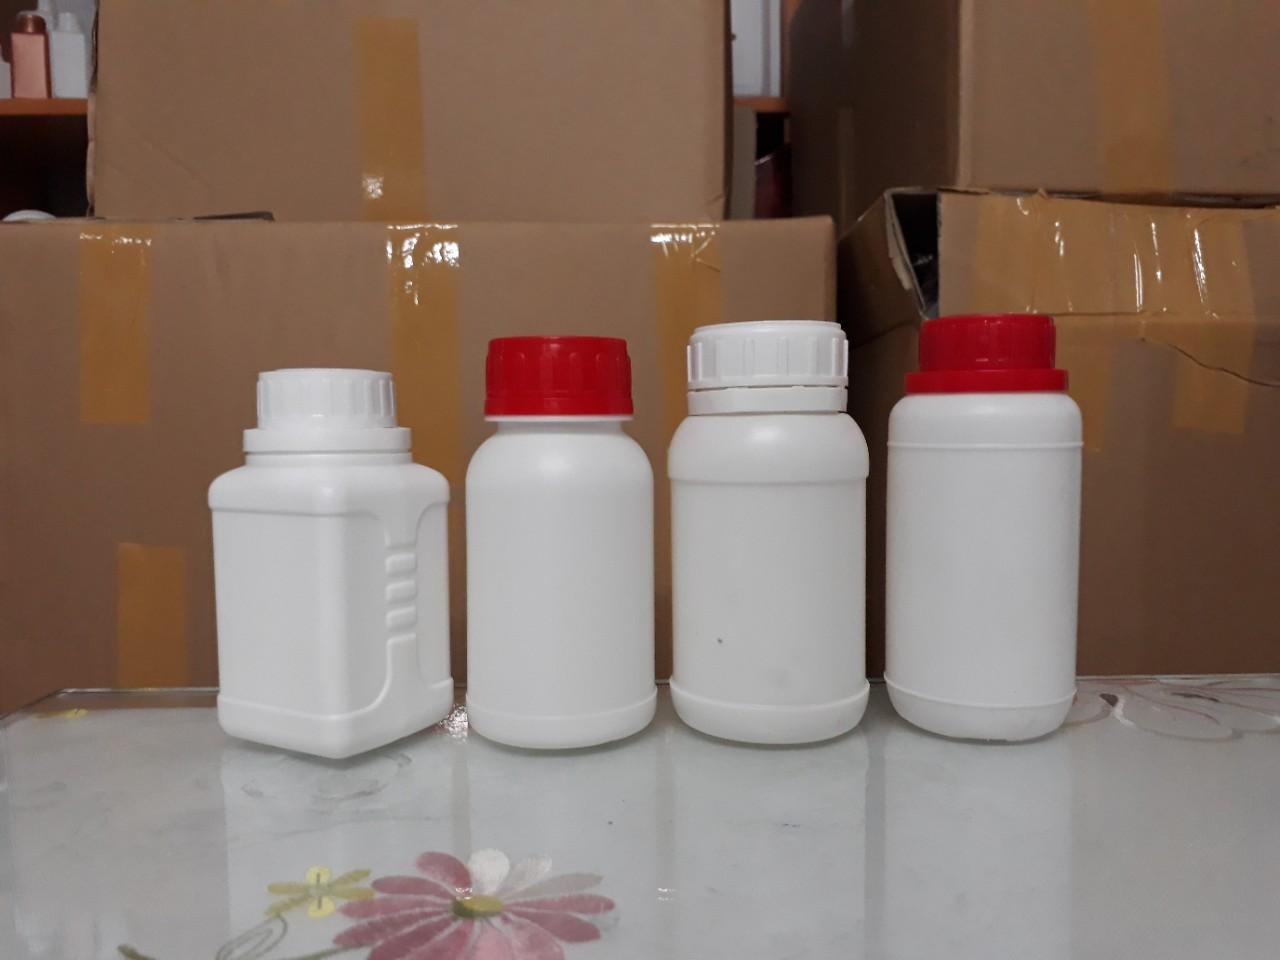 Lọ đựng thuốc làm bằng nhựa HDPE